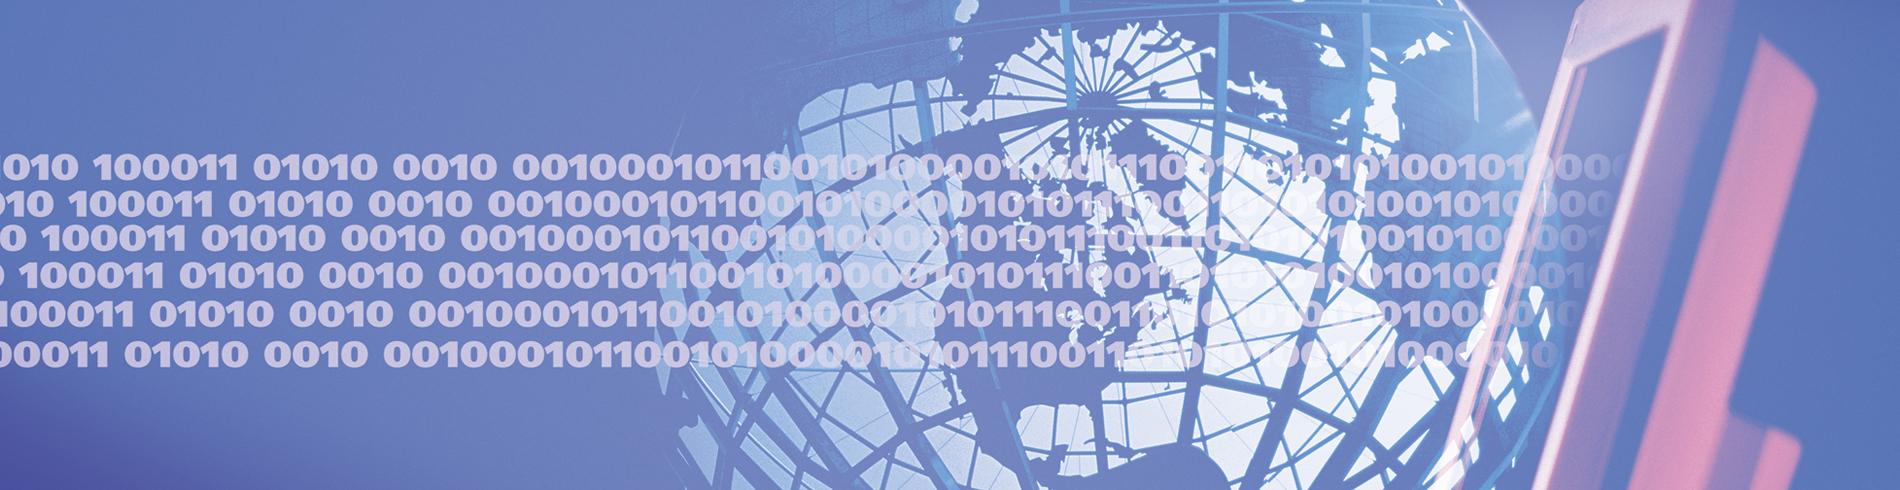 Assegurança de ciberriscos